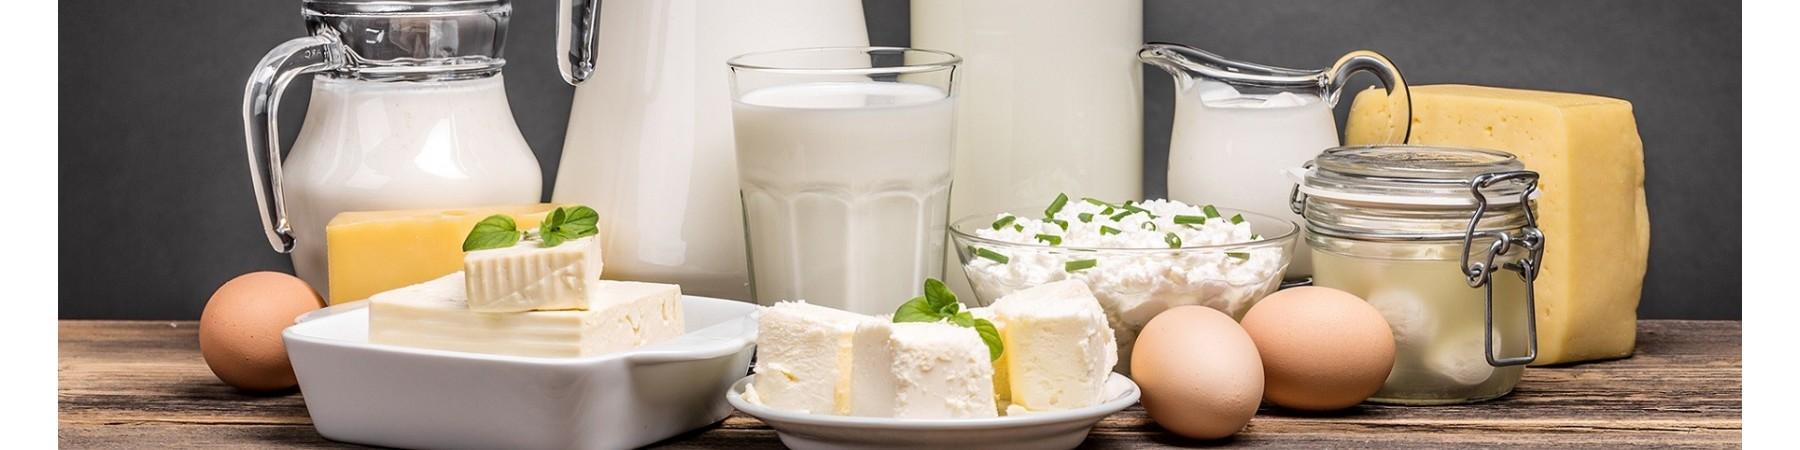 thực phẩm sạch, sữa và các sản phẩm sữa cao cấp, chất lượng, nhập khẩu